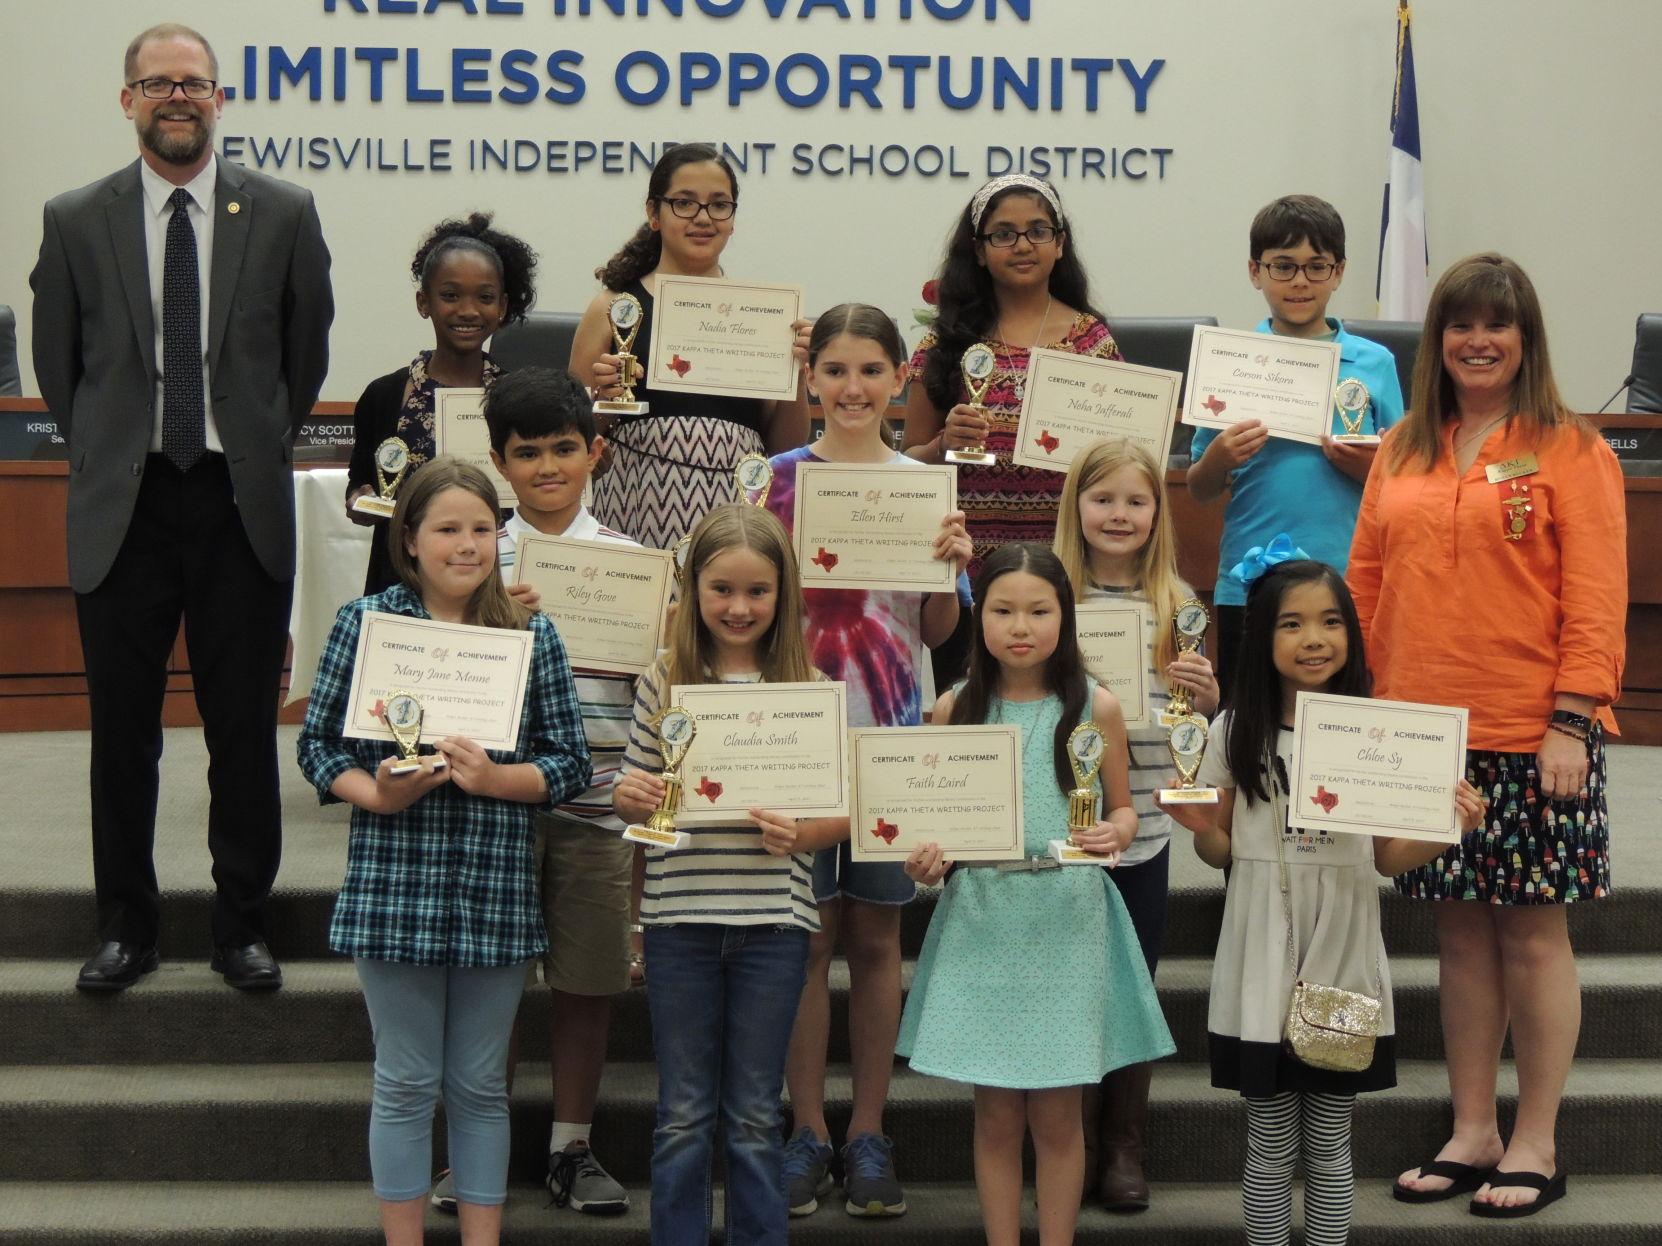 Kappa Theta Writing Students honored at Shining